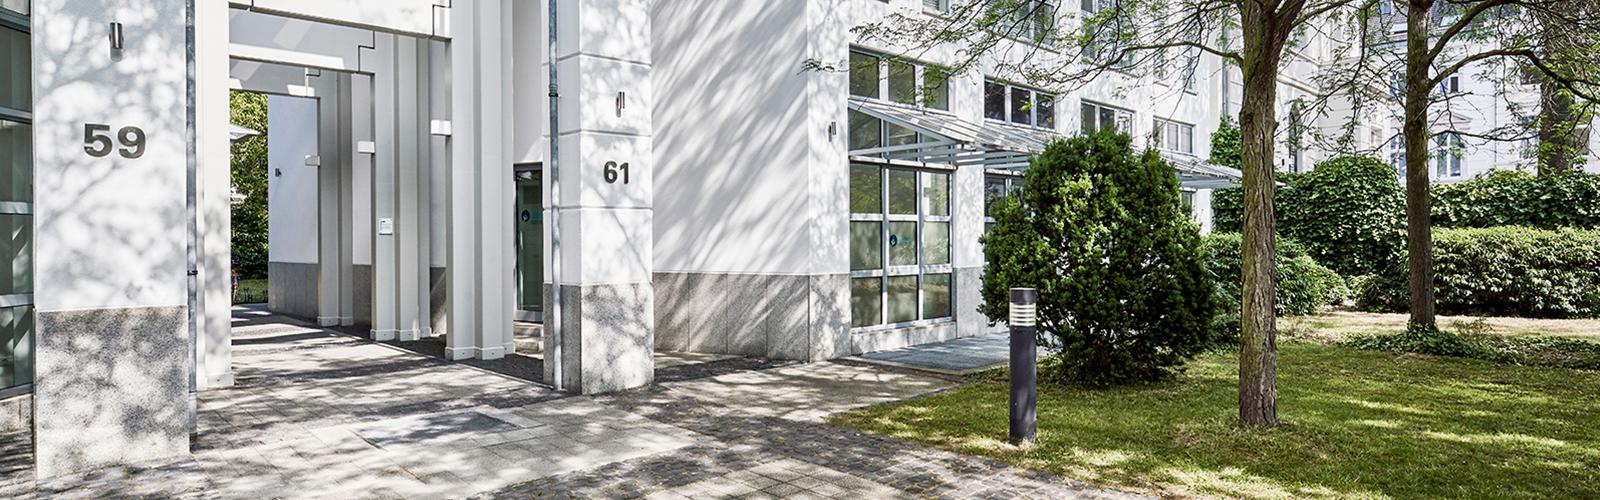 Suedstadt-Orthopaeden-Praxisgebauede--außen-Sliderbild1